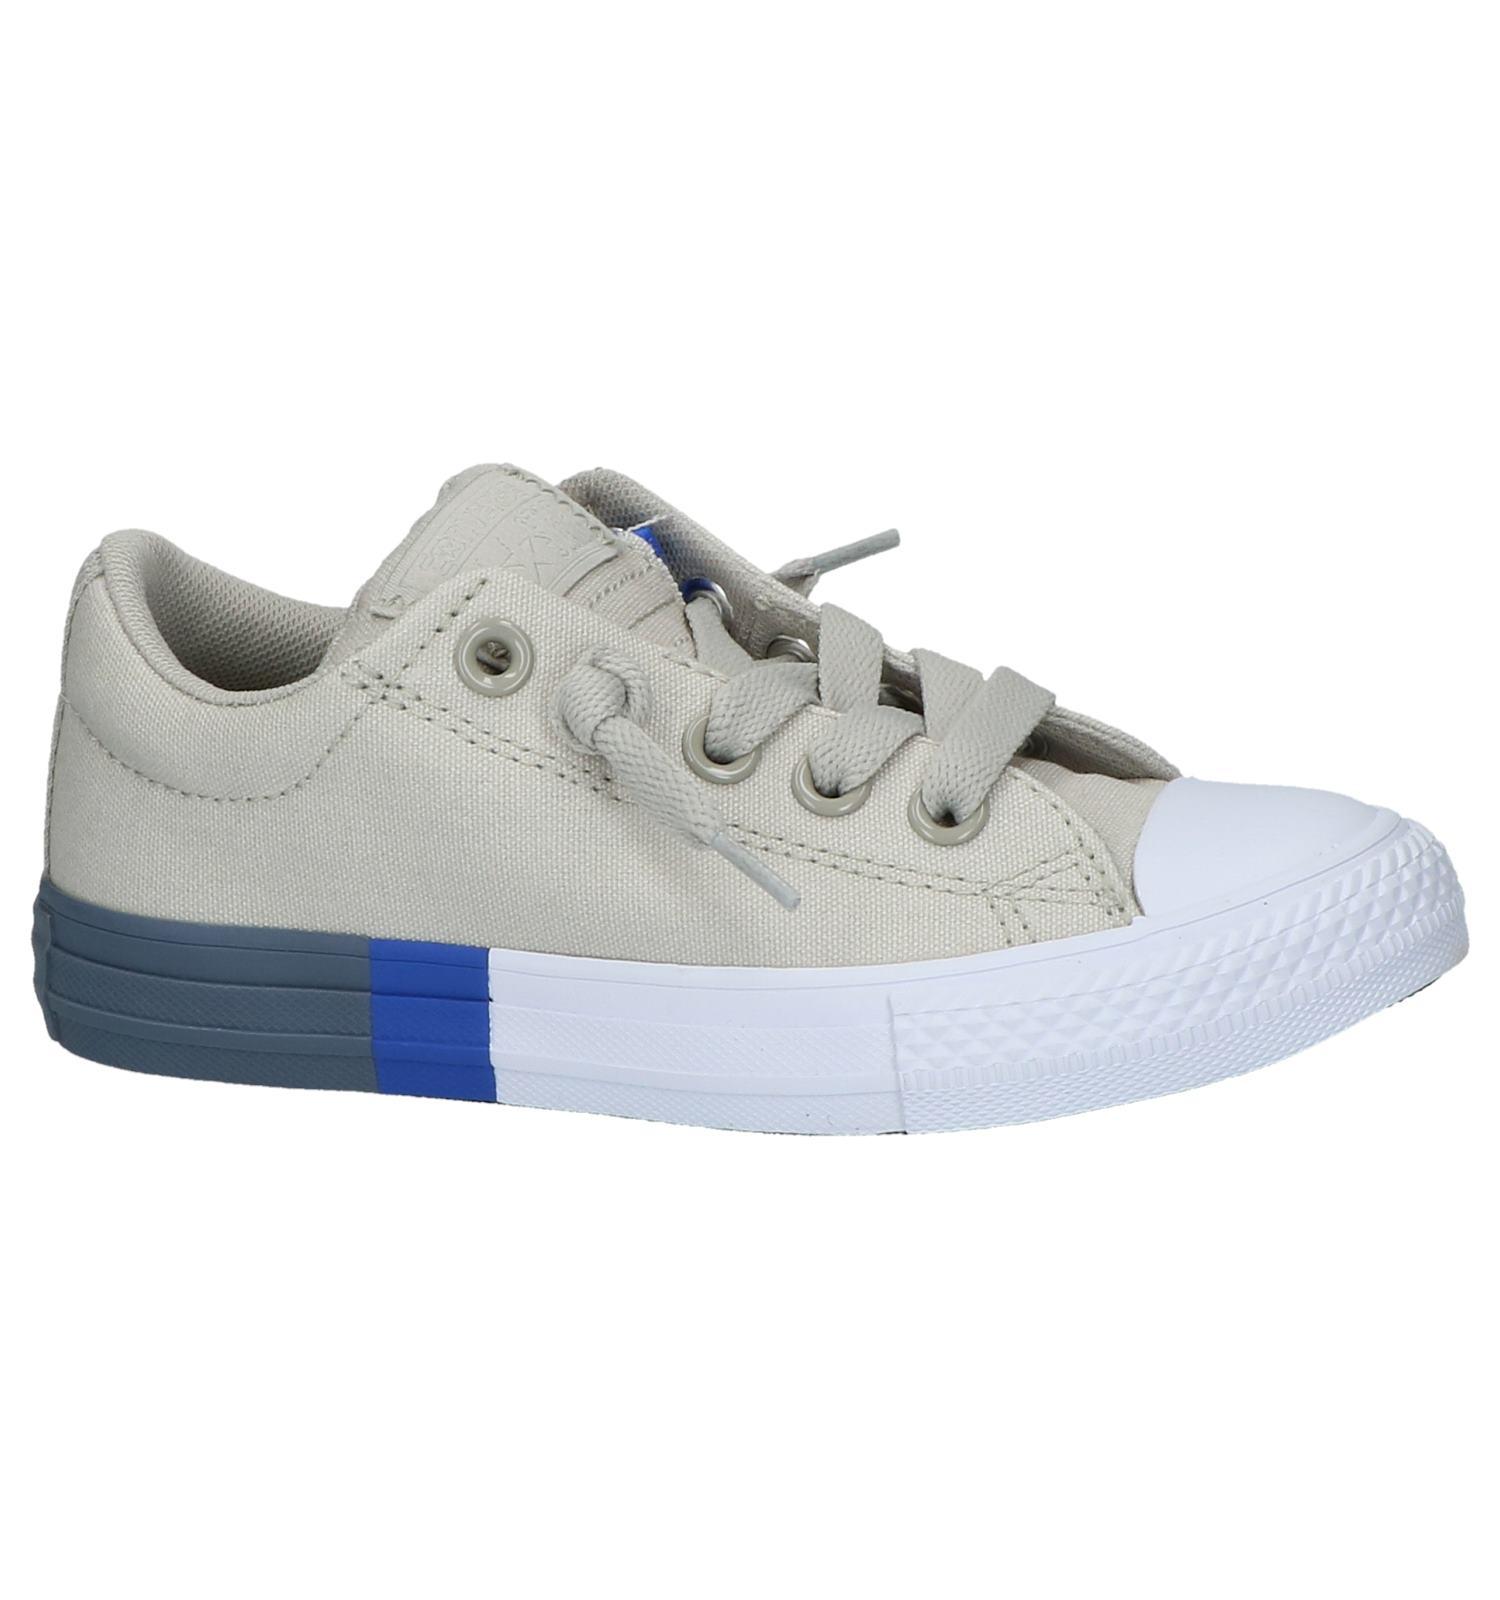 d9e33407fef Grijze Sneakers Converse Chuck Taylor All Star Street Slip | TORFS.BE |  Gratis verzend en retour